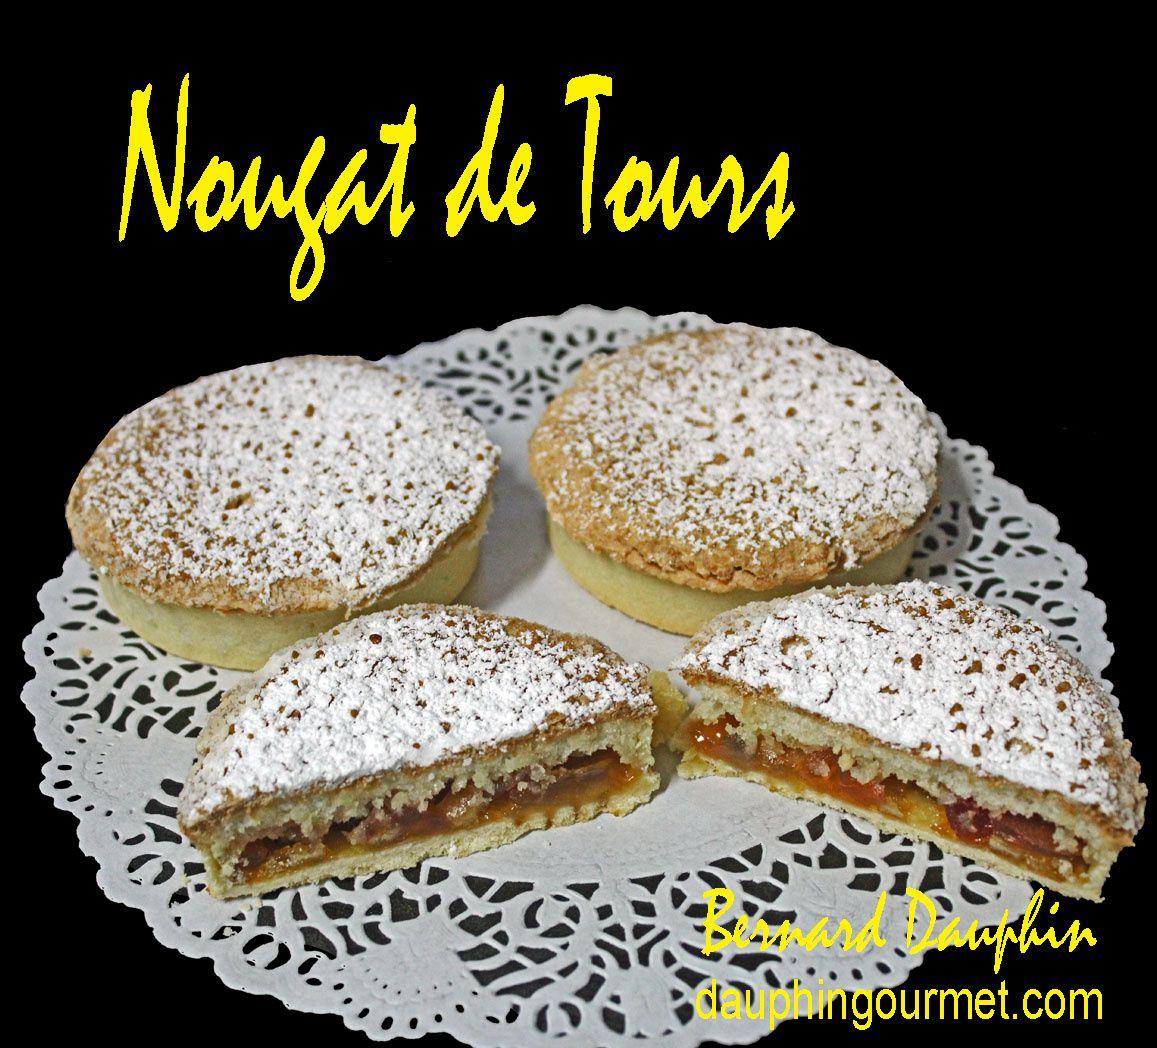 LE NOUGAT DE TOURS